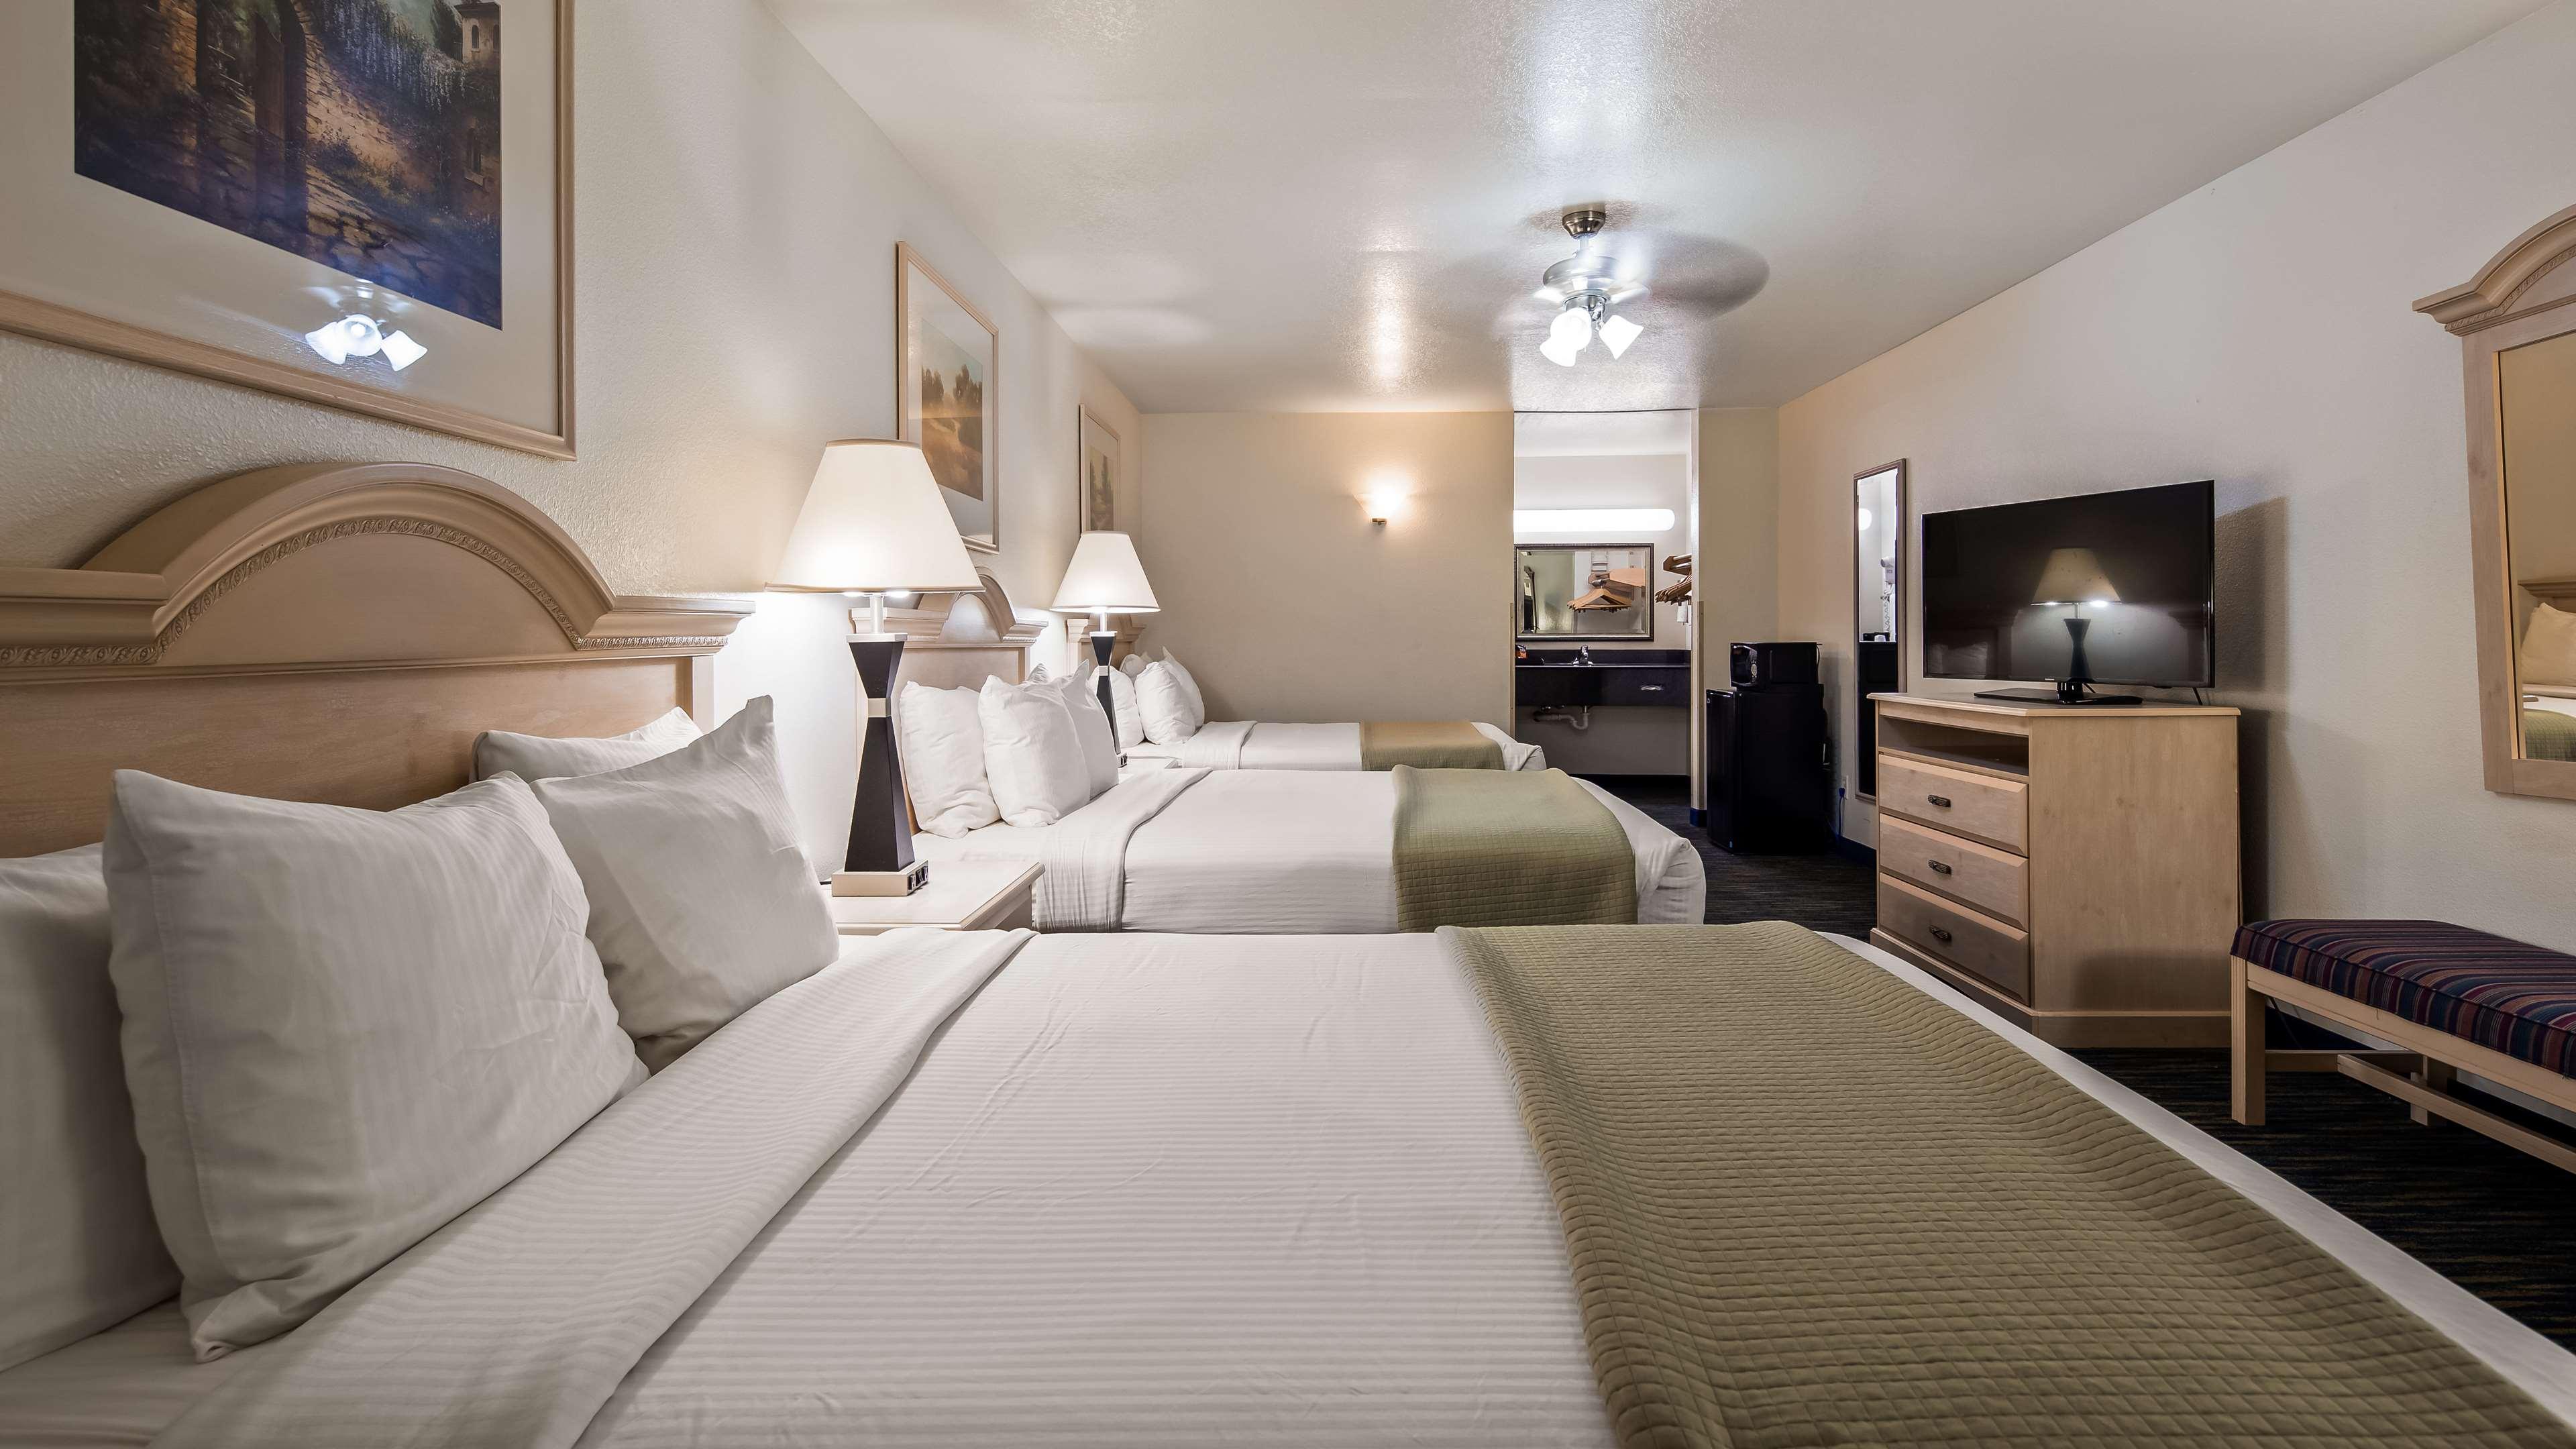 SureStay Hotel by Best Western Falfurrias image 6